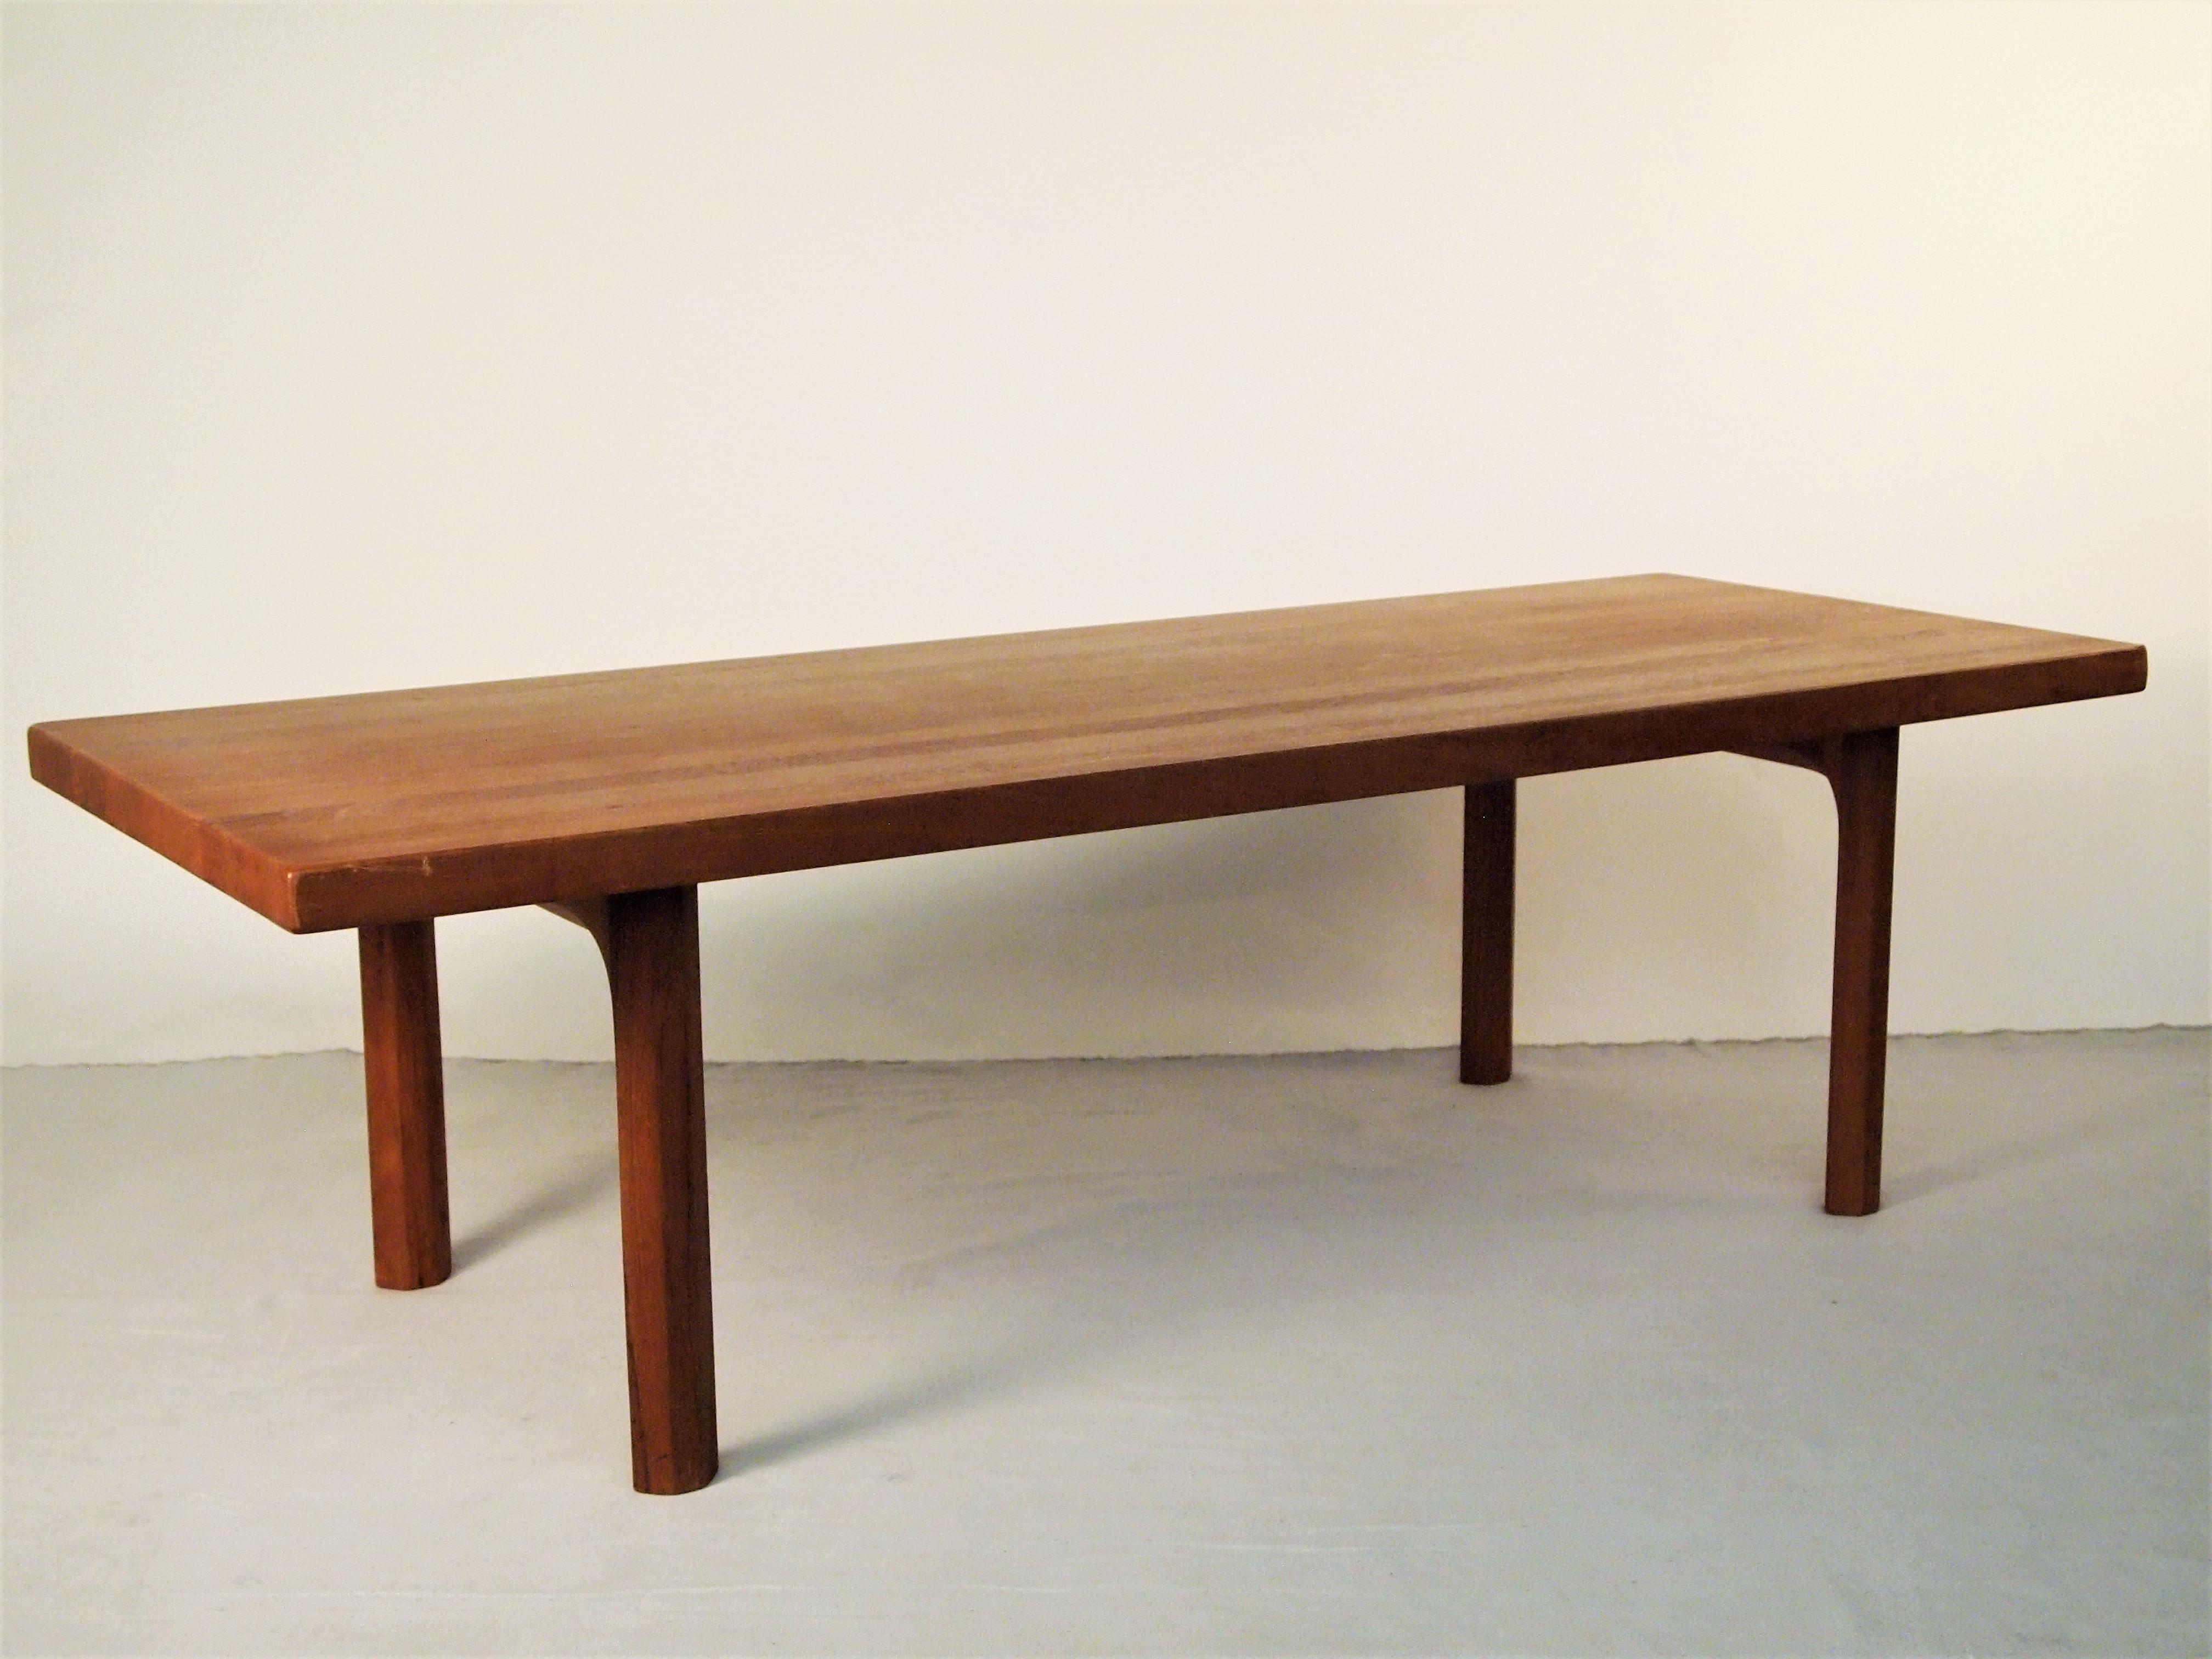 Nykomna SOFFBORD, massiv träskiva. Möbler - Bord - Auctionet OA-57